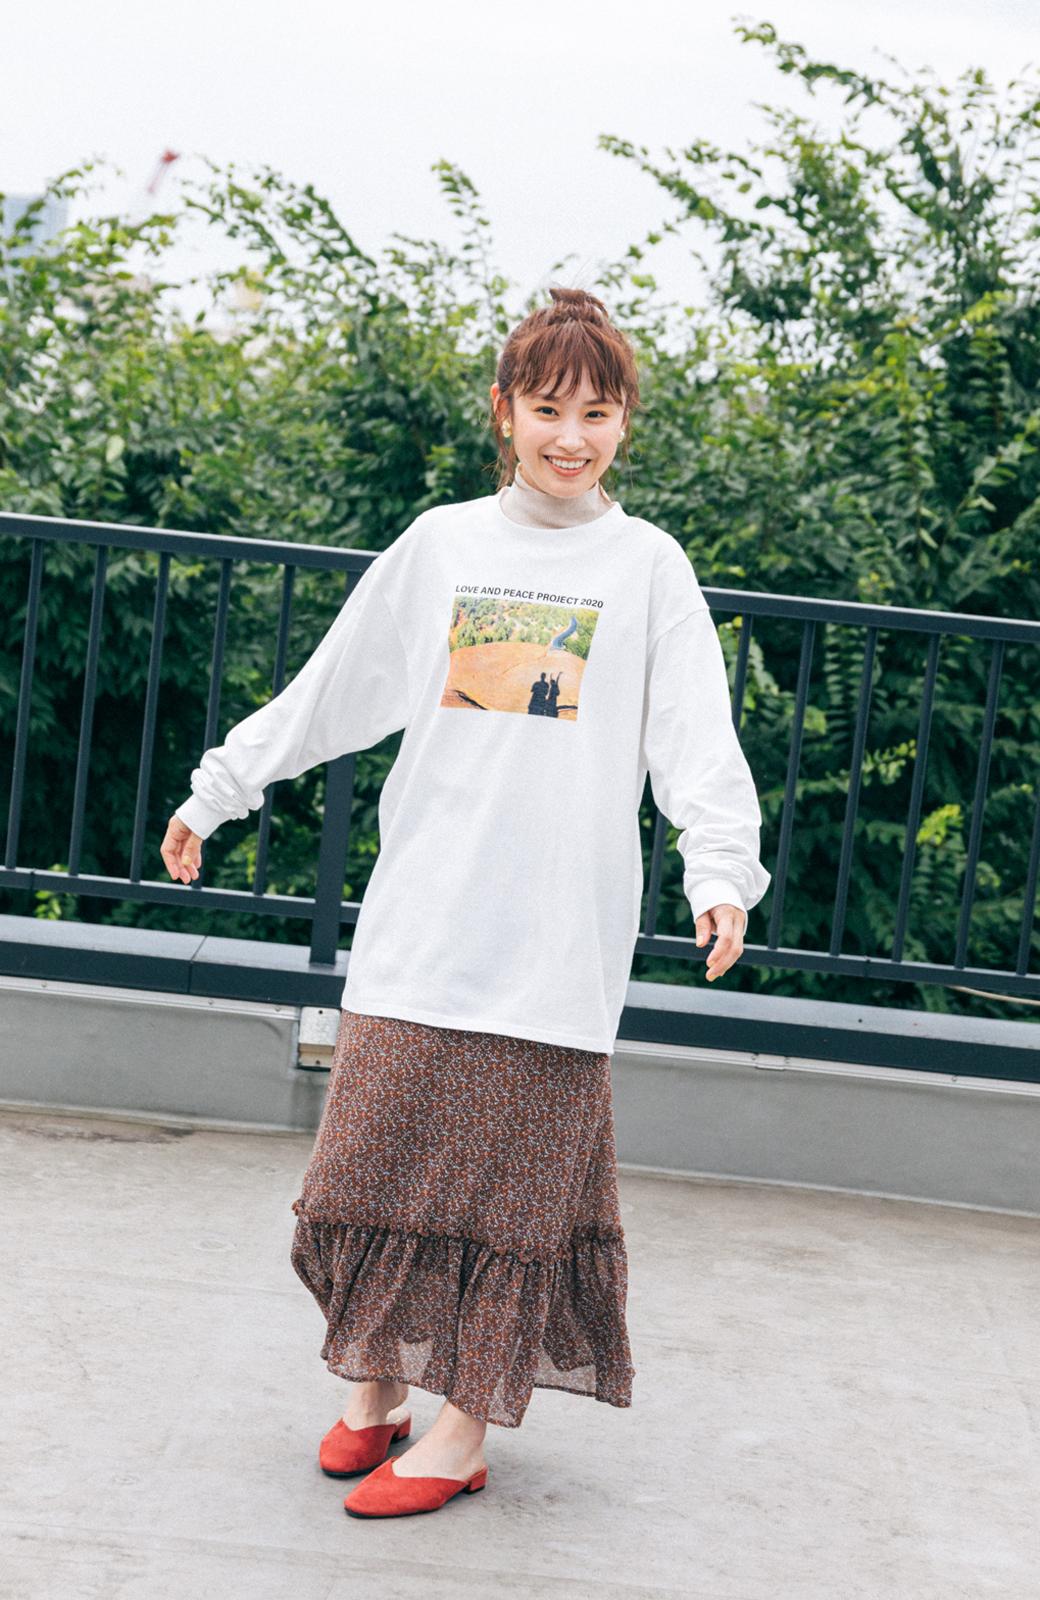 haco! 【高橋愛さんコラボ】フォトプリントのユニセックスロングTシャツ by LOVE&PEACE PROJECT + PBP  <ホワイト>の商品写真4